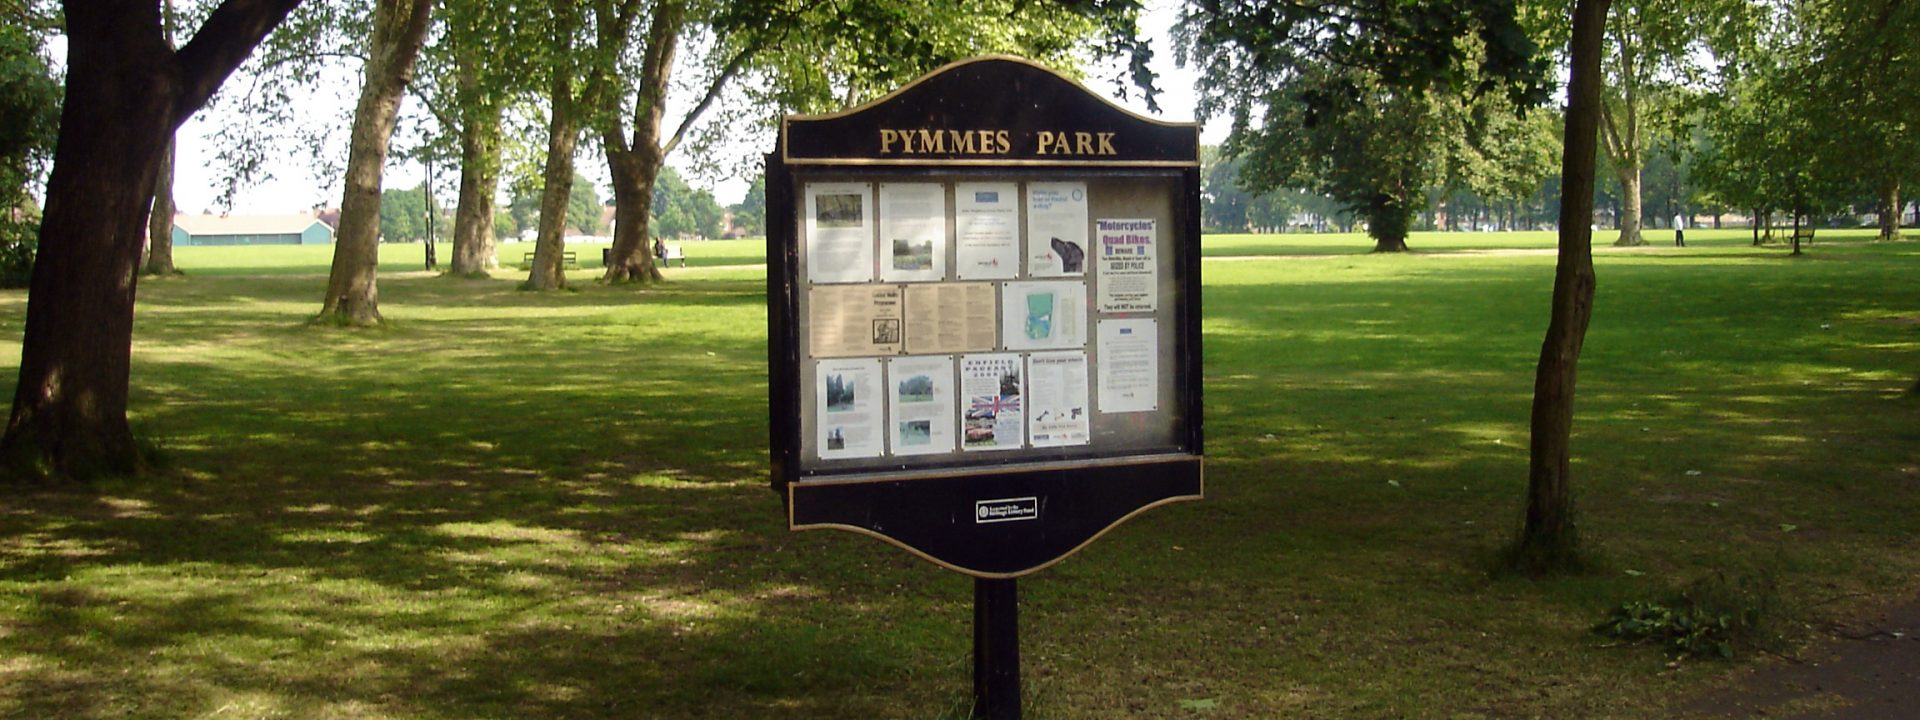 Pymmes Park